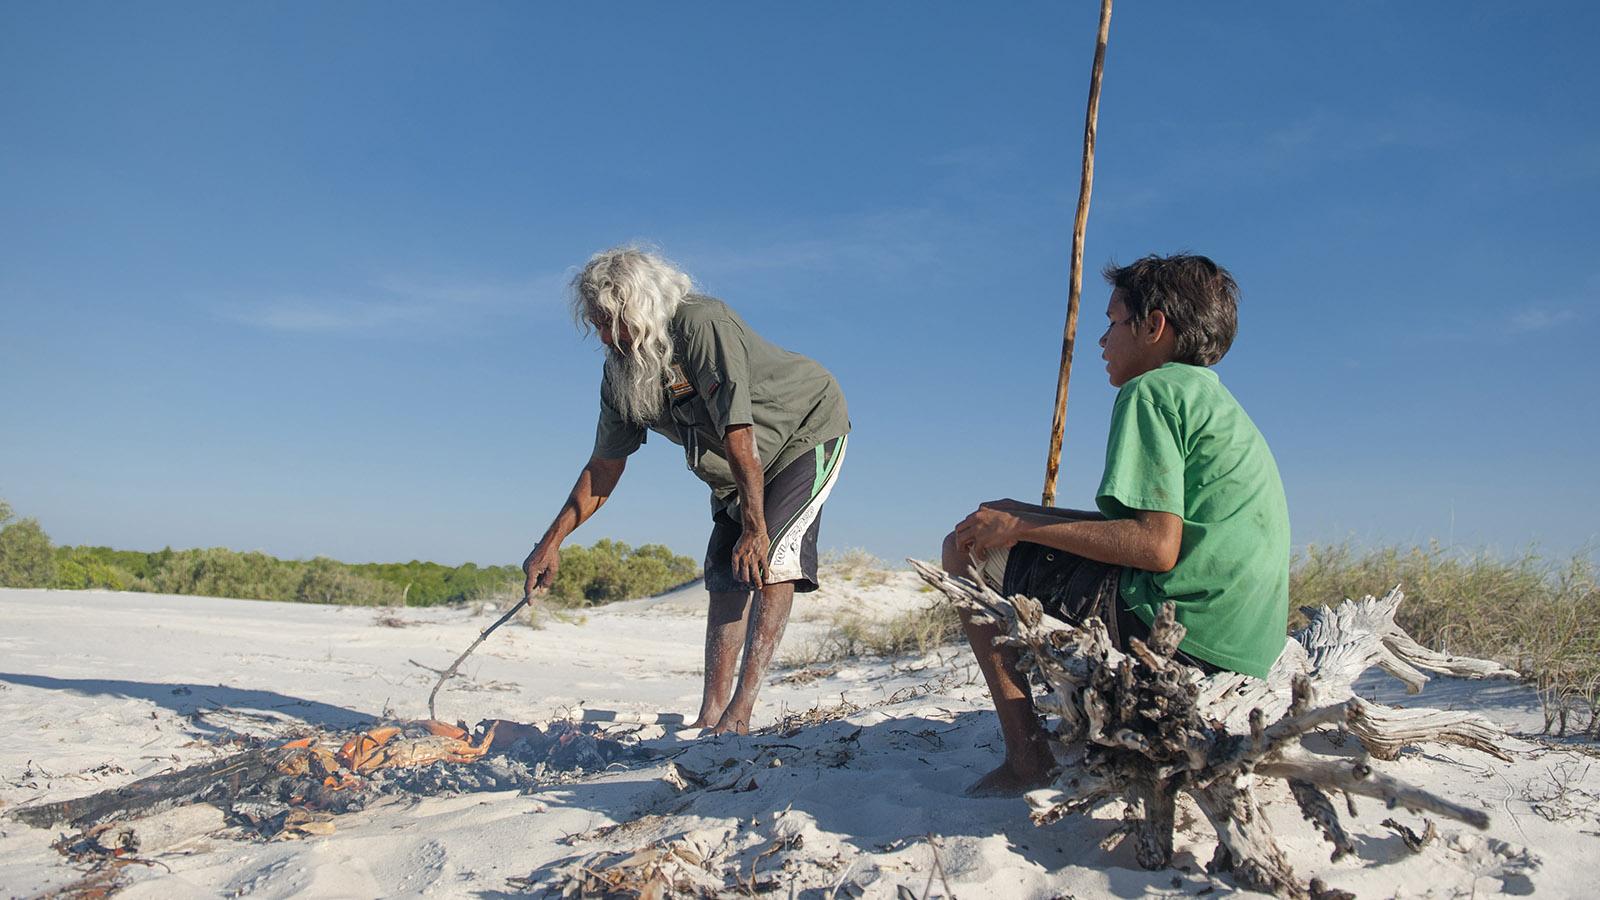 Die frisch gefangenen Schlammkrabben werden gleich vor Ort genossen. Foto: Hilke Maunder